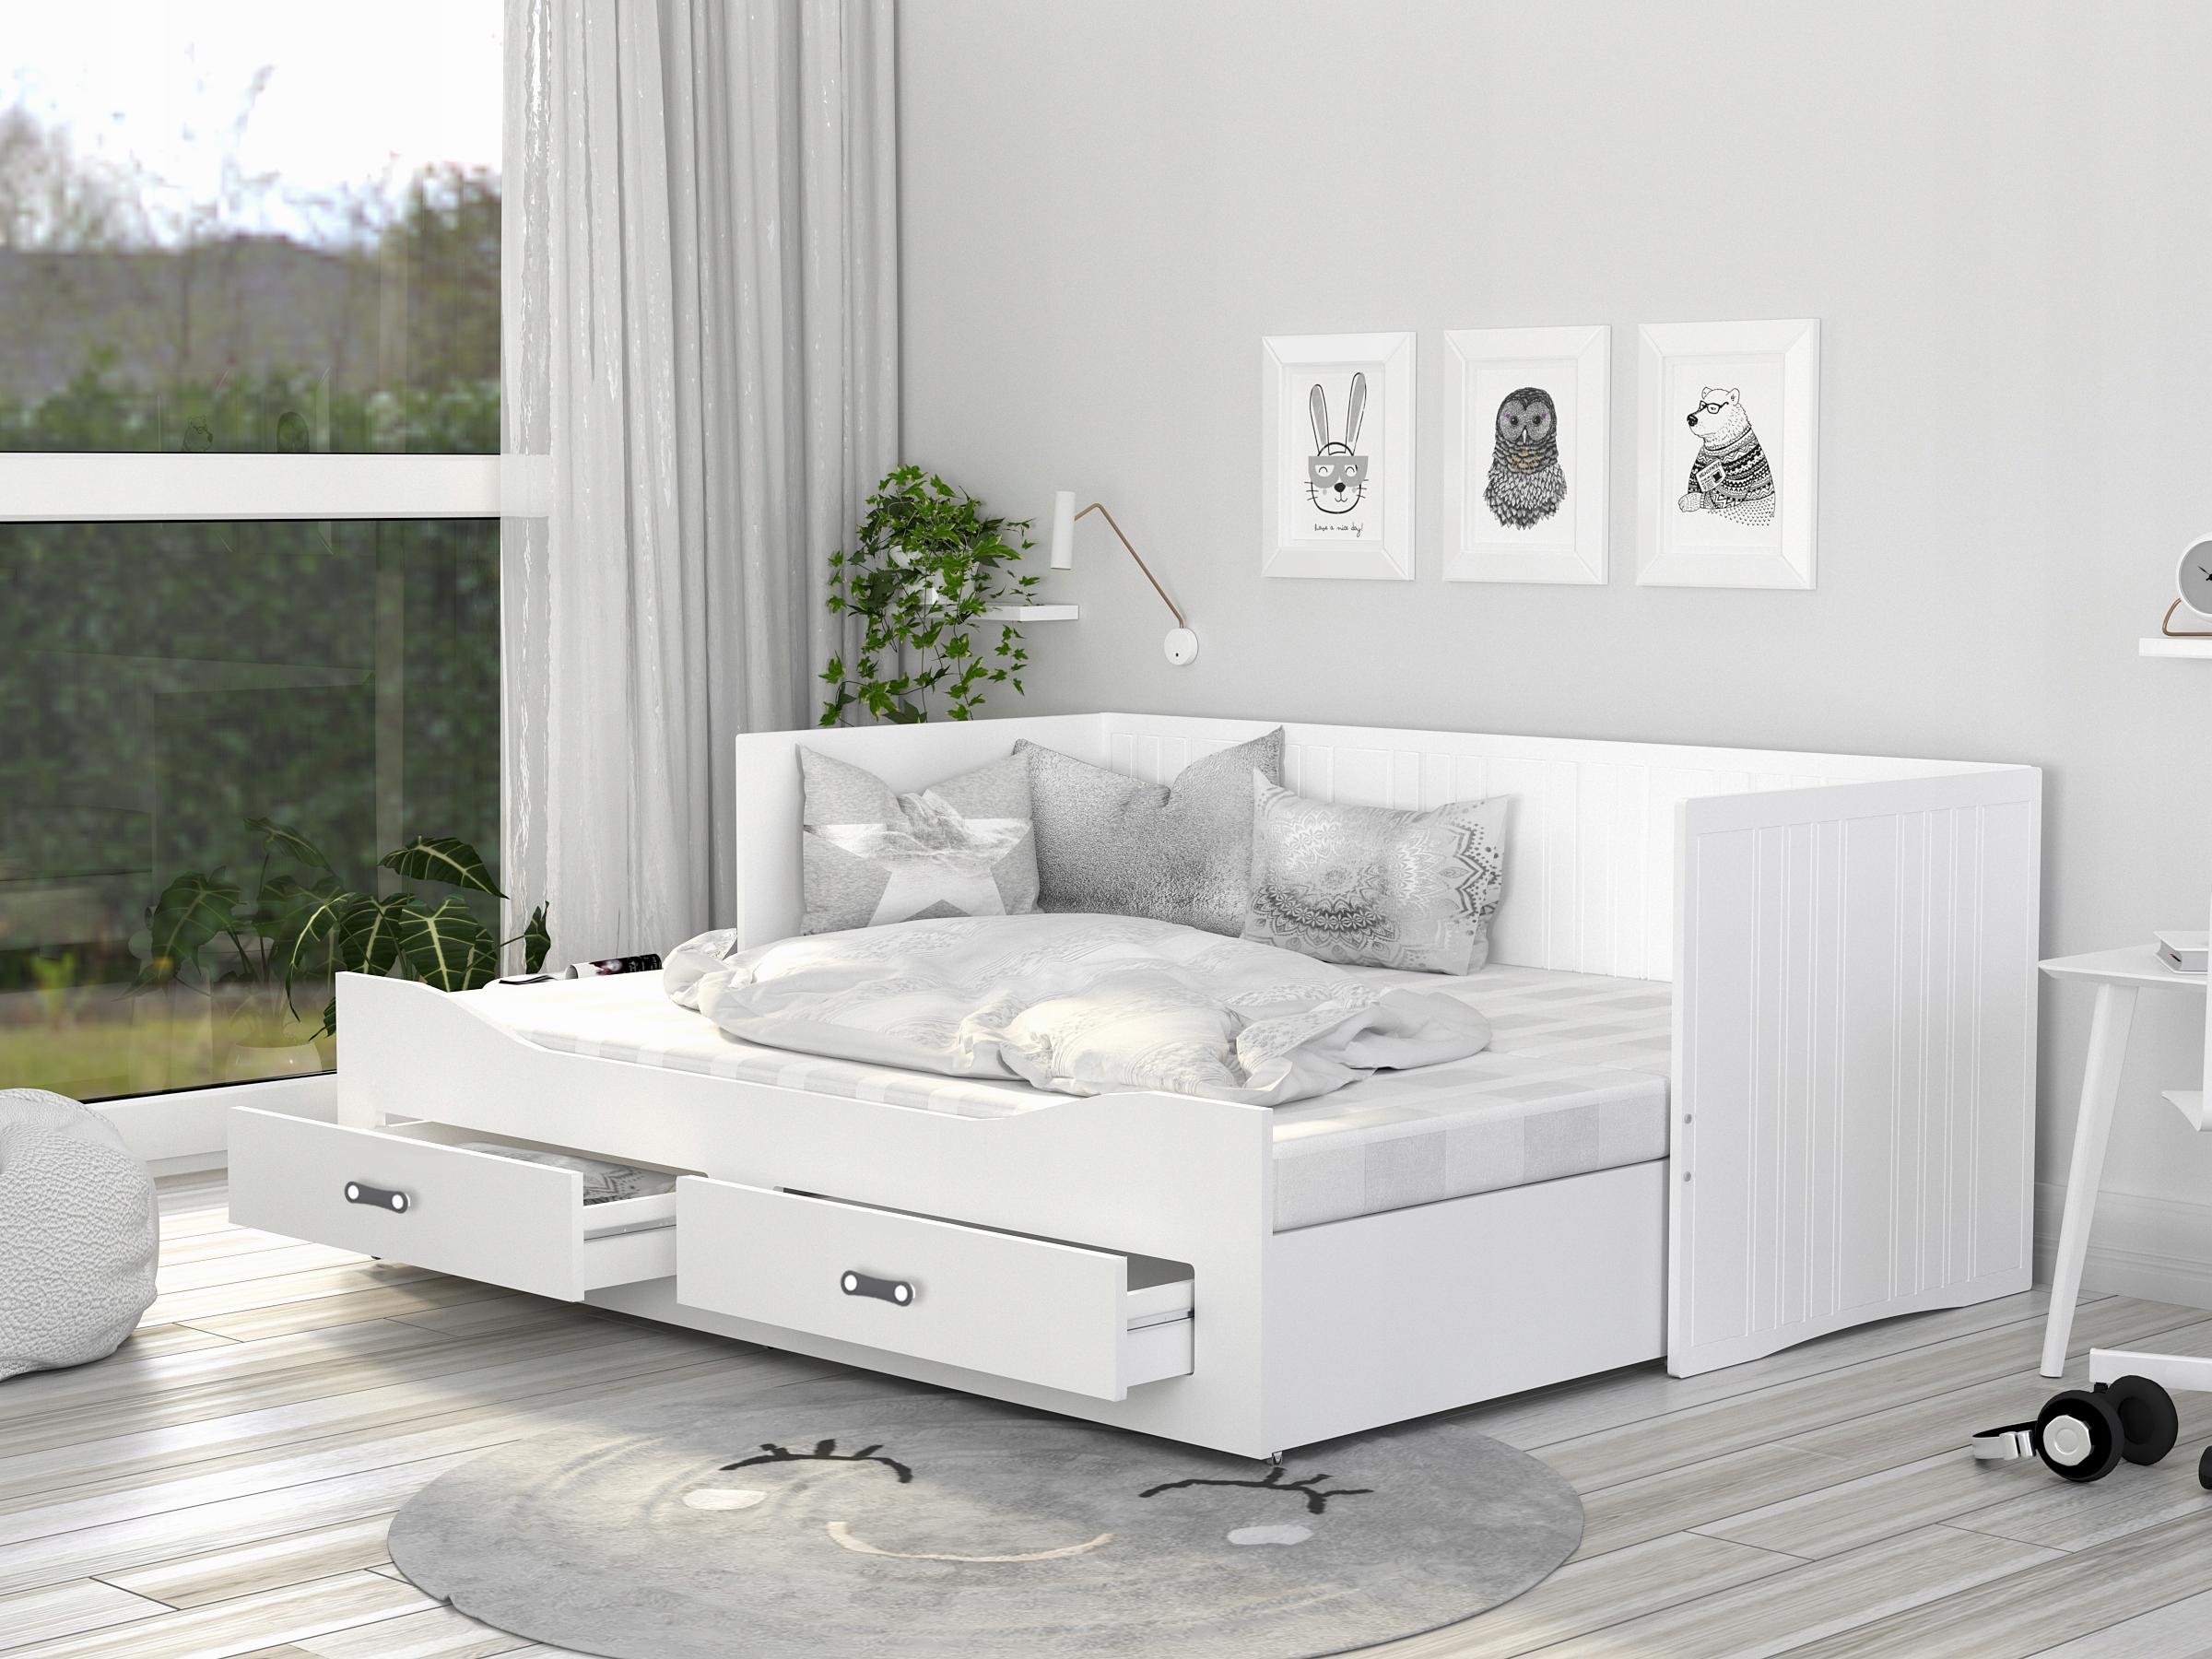 Łóżko rozkładane HERMES materace szuflady białe Głębokość mebla 86 cm